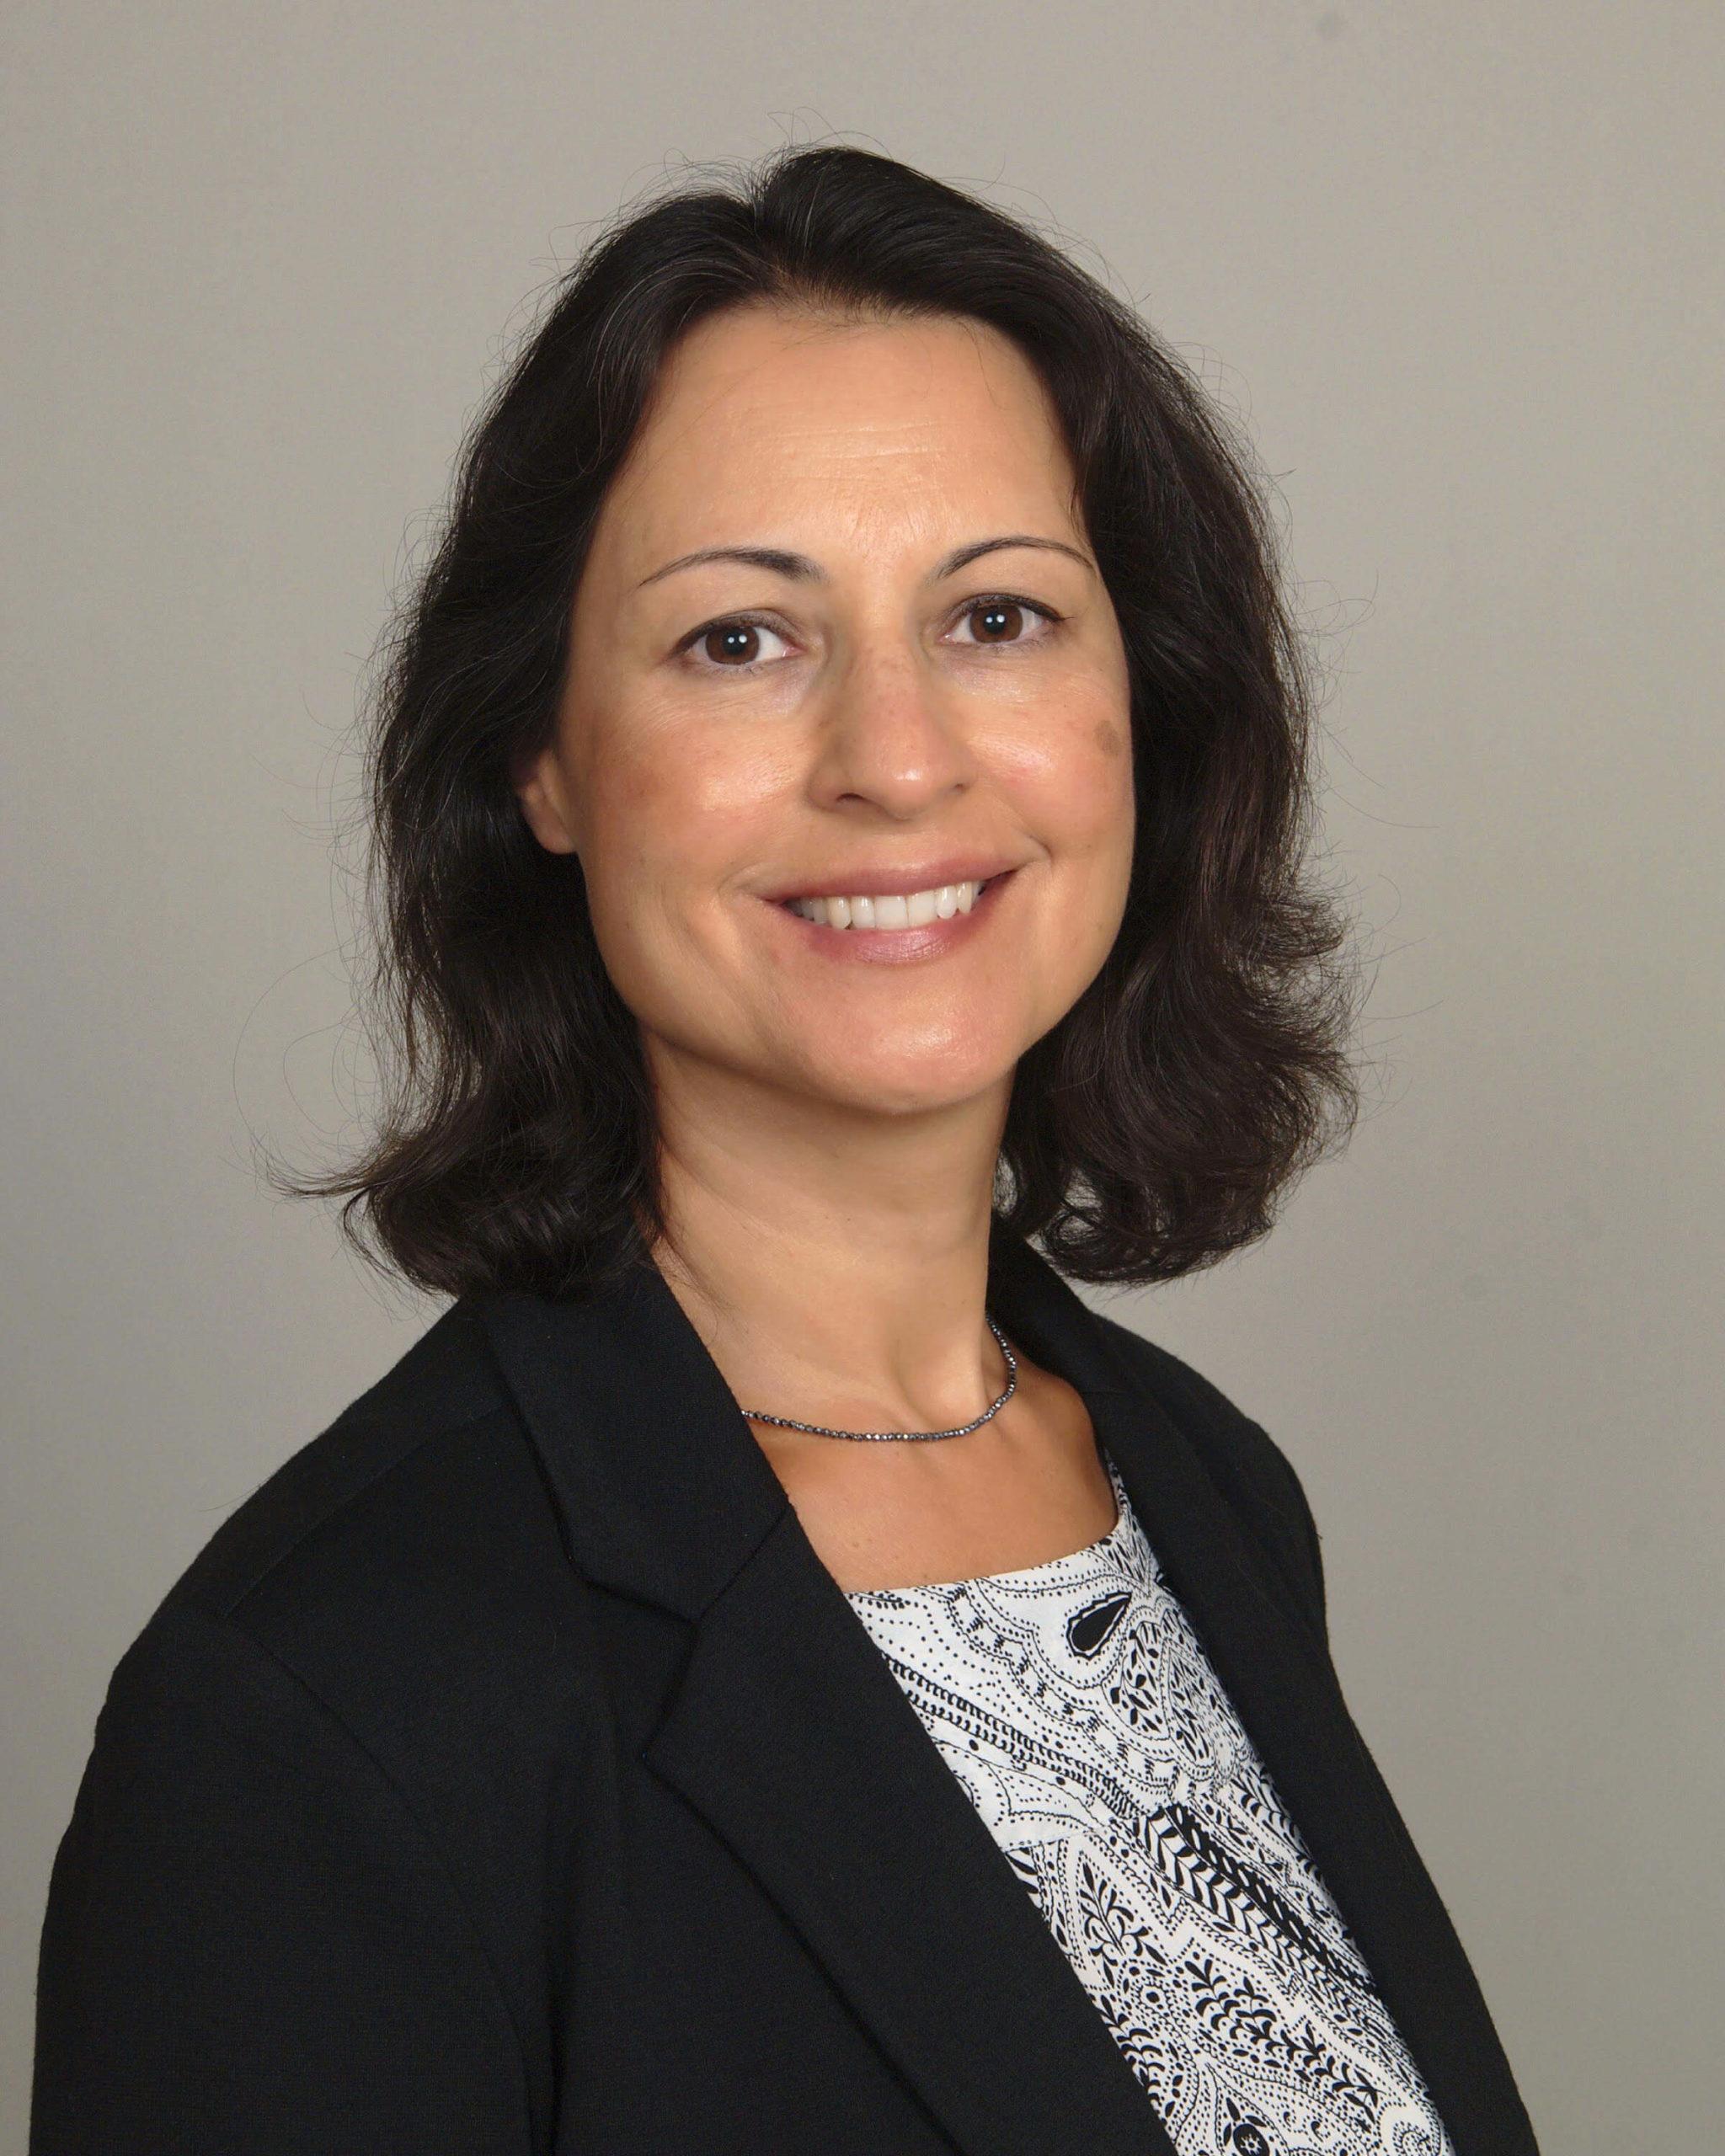 Dr. Agnieszka Nagpal